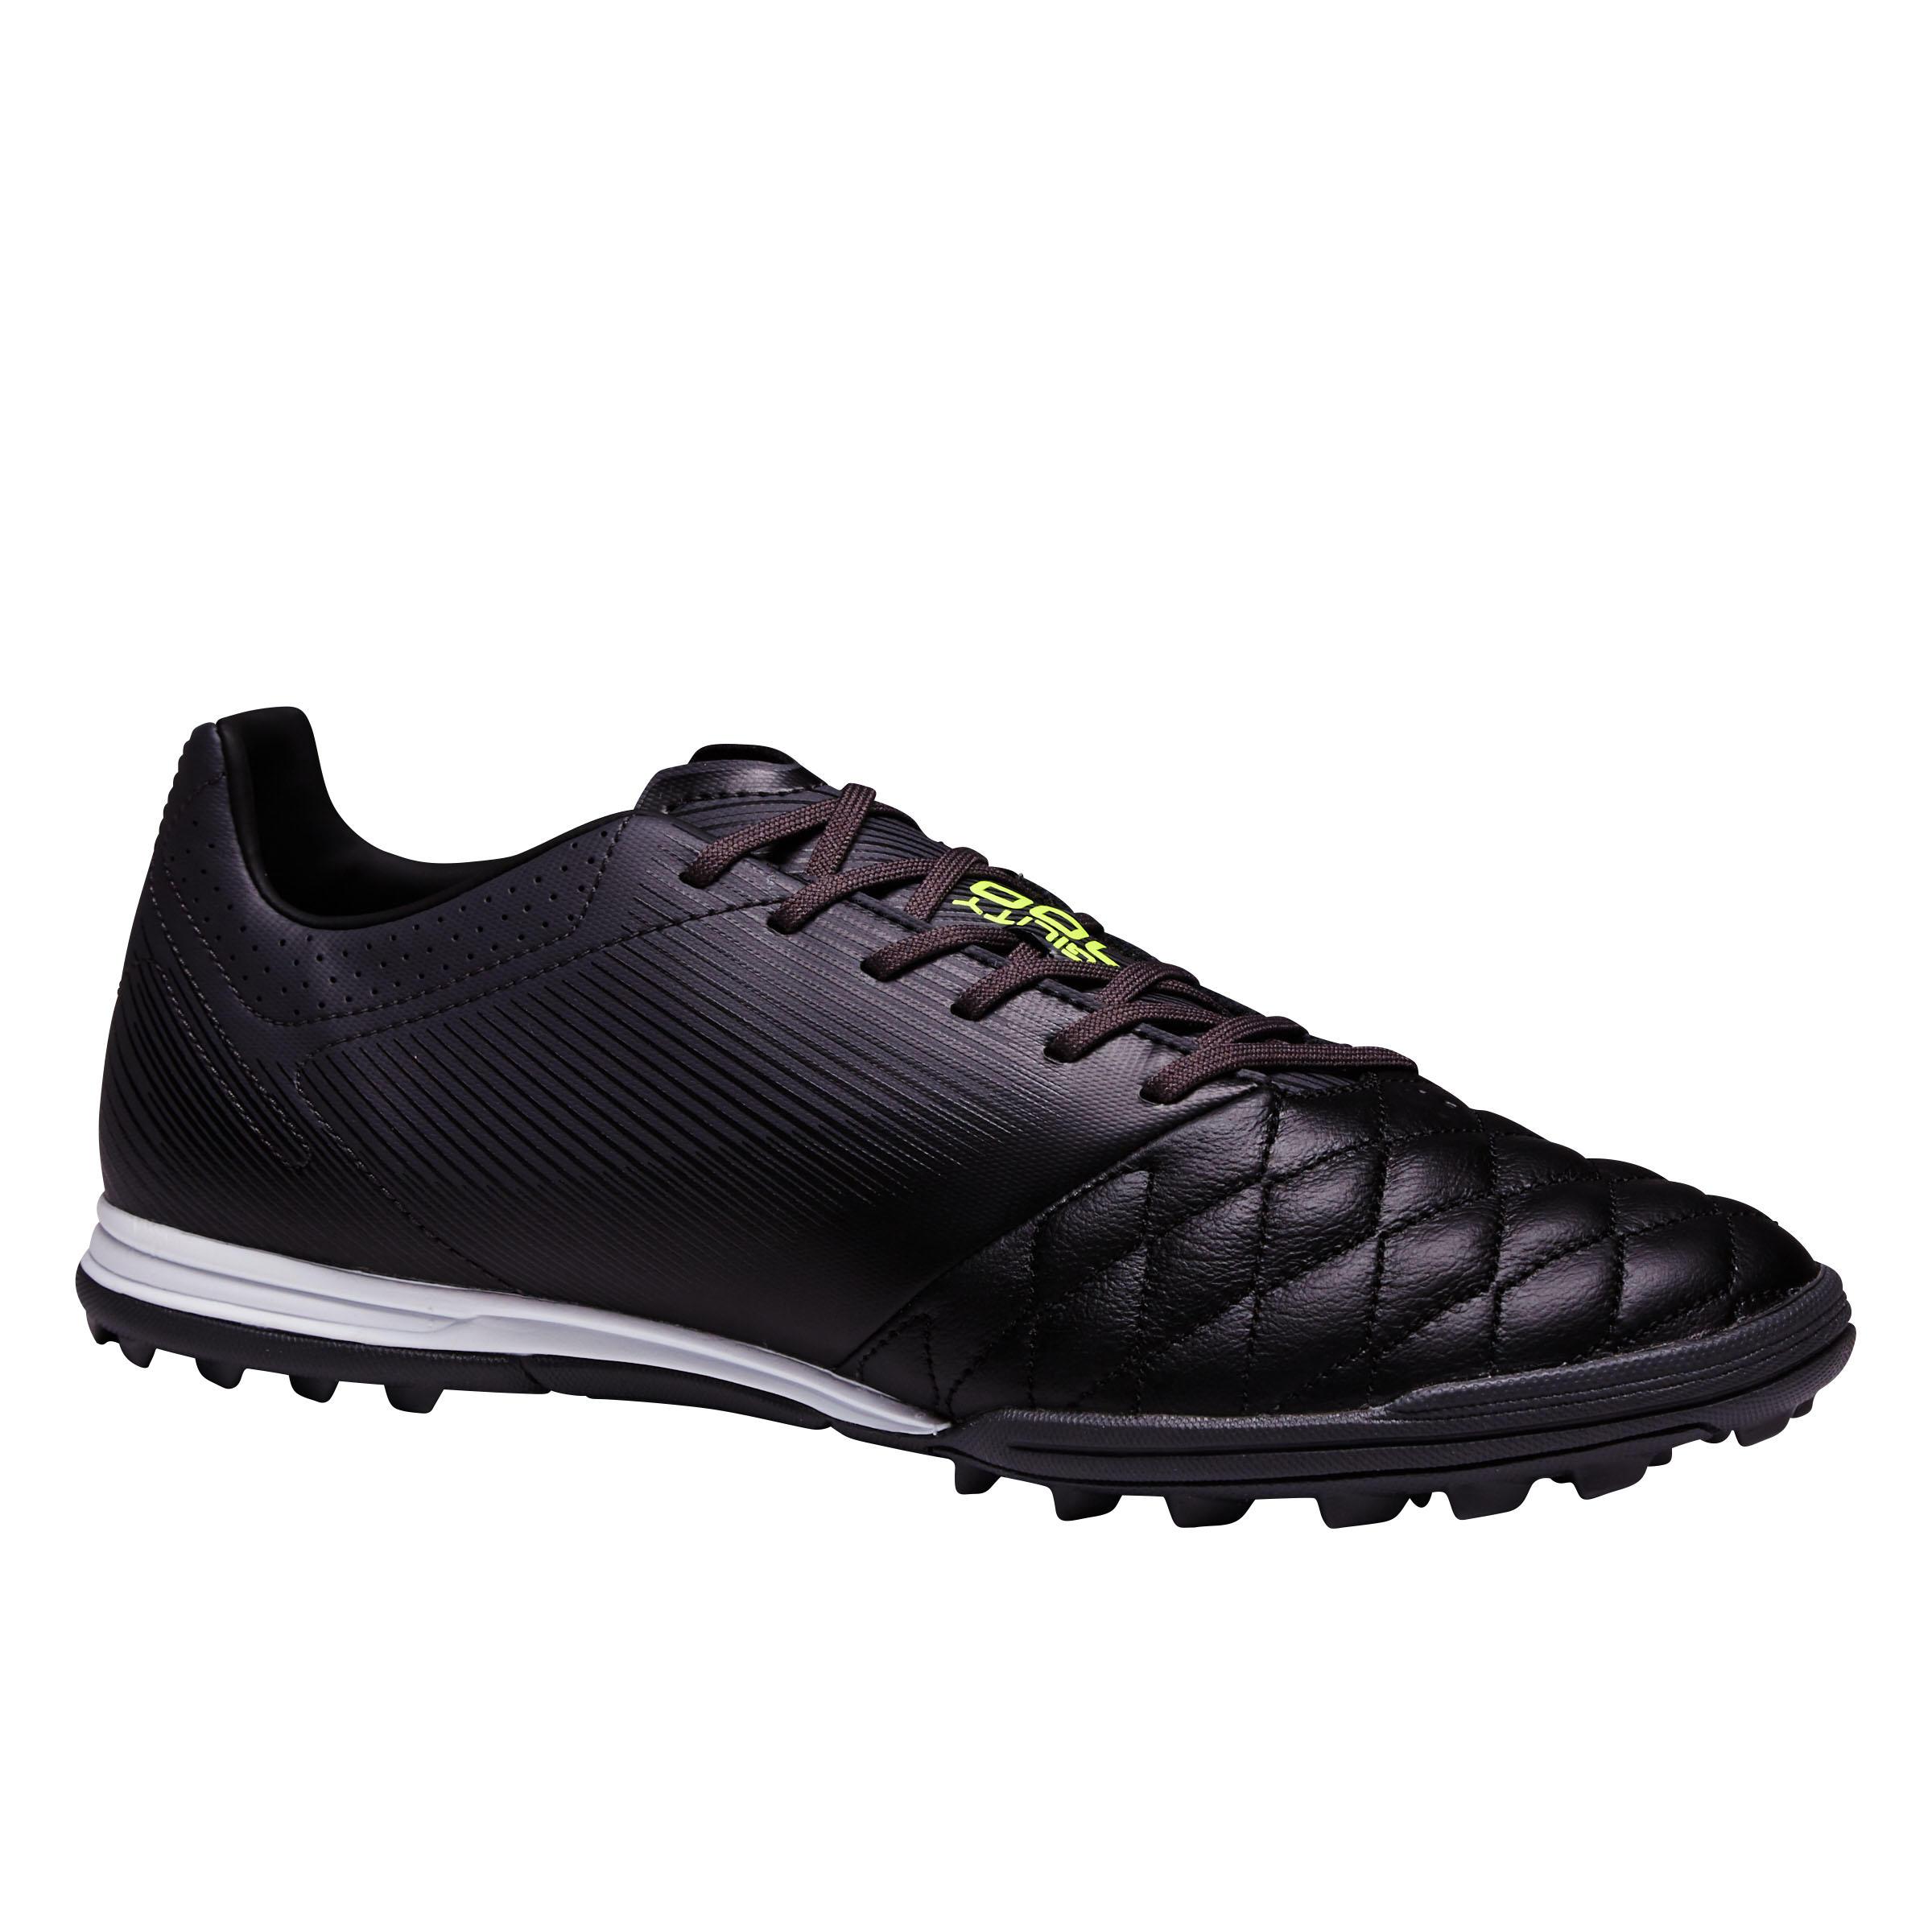 Chaussure de soccer adulte terrain dur Agilité 700 HG noire